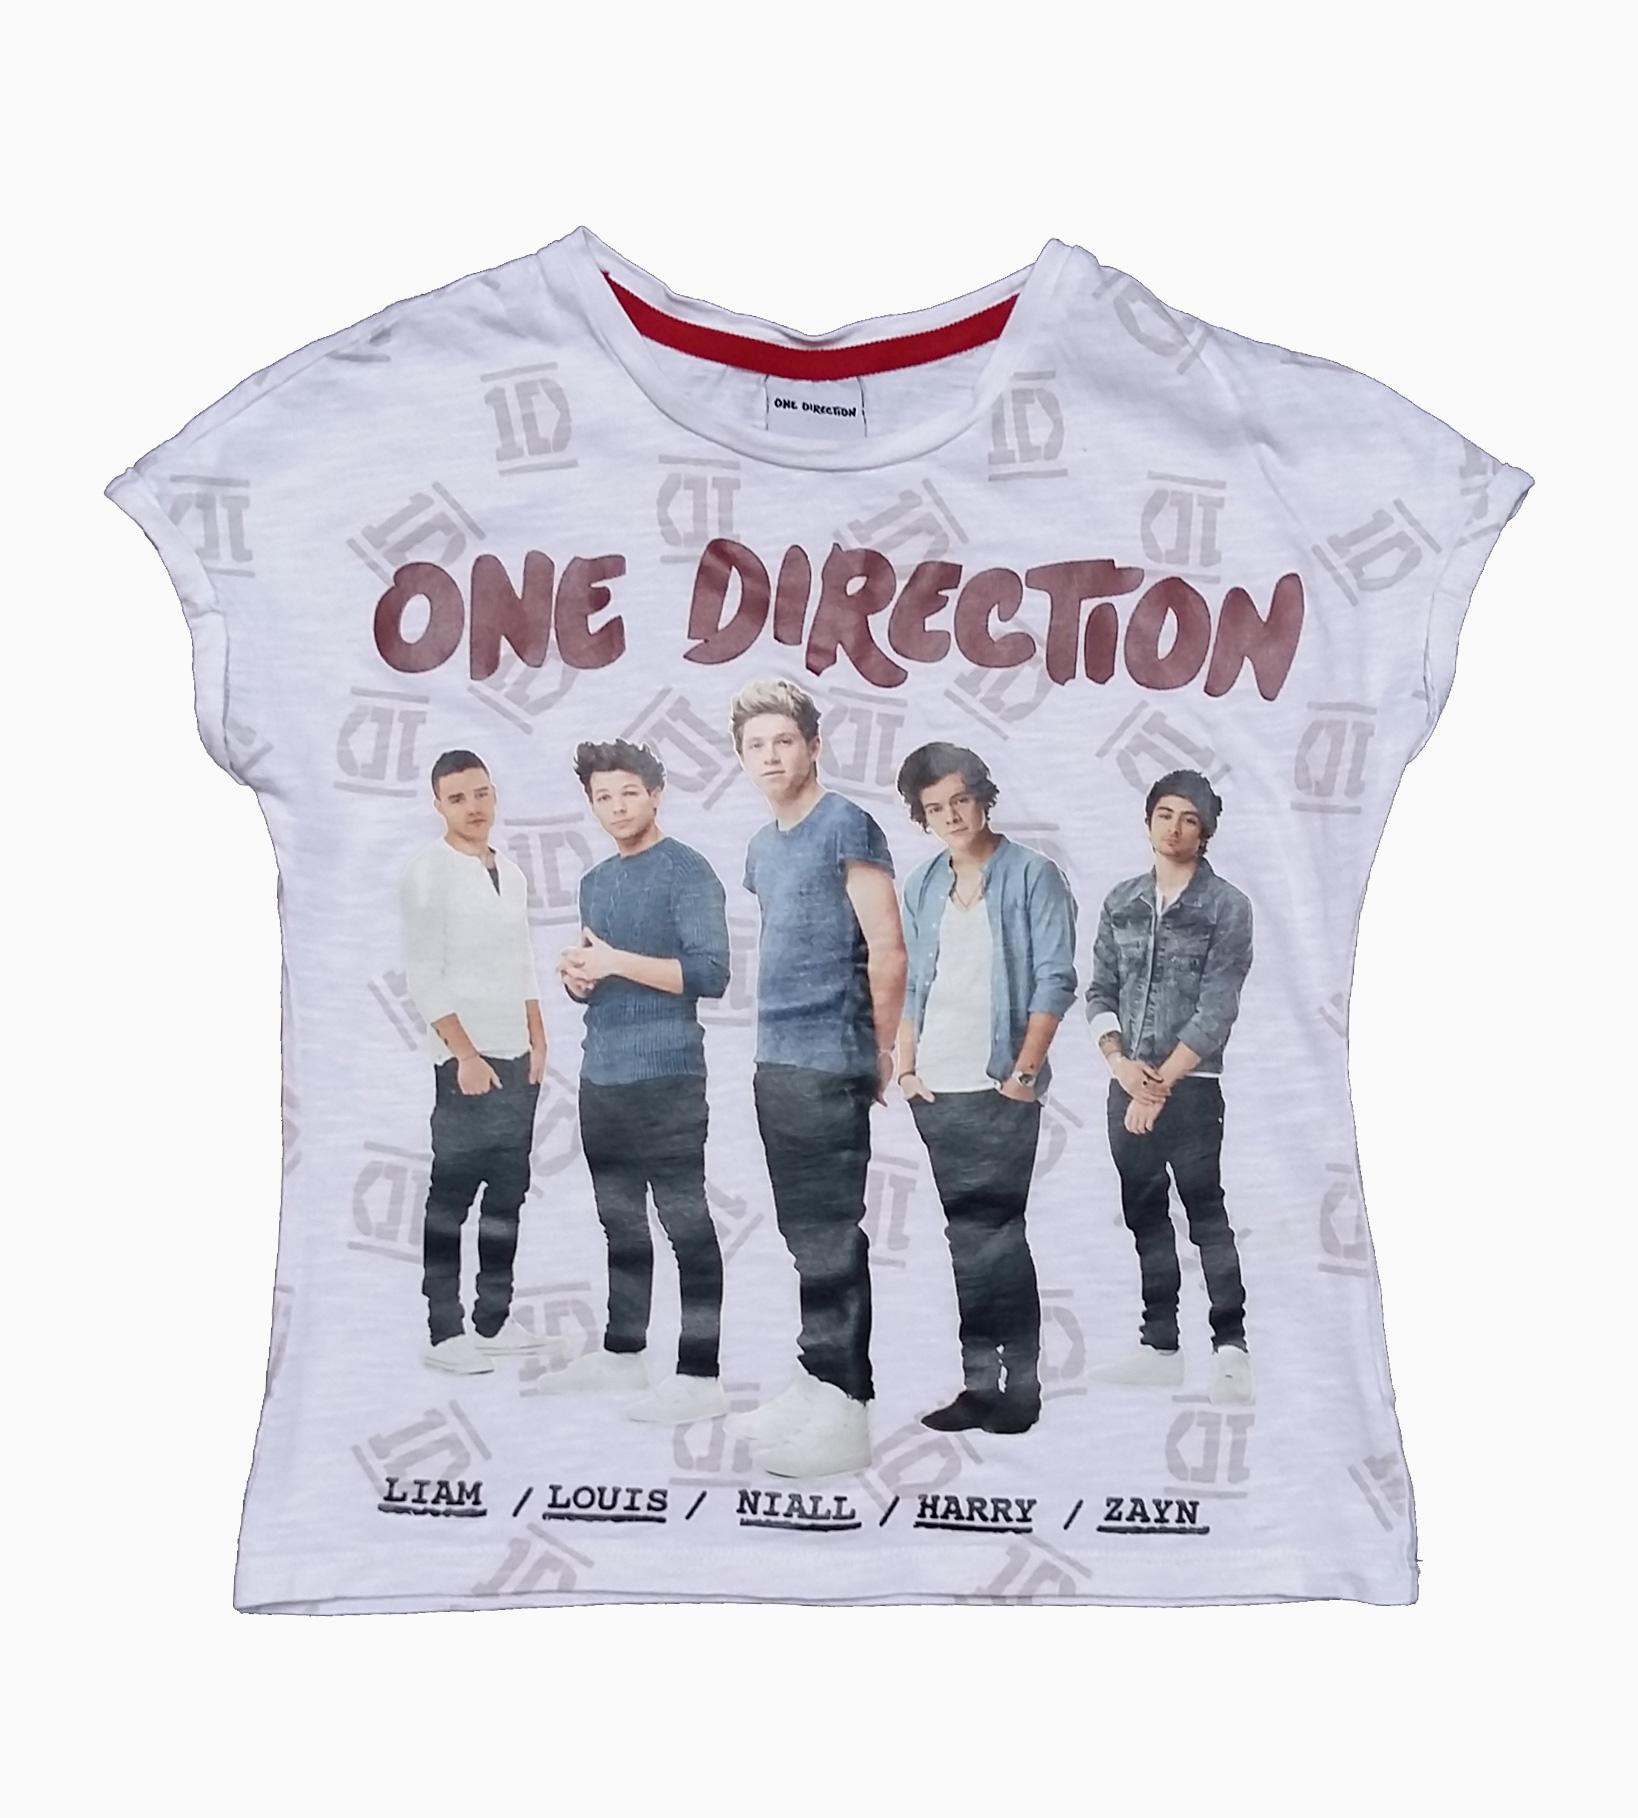 00e21698bb 1D póló (128) - 128-134 (7-9 év) - Minőségi angol használt és új gyerekruhák